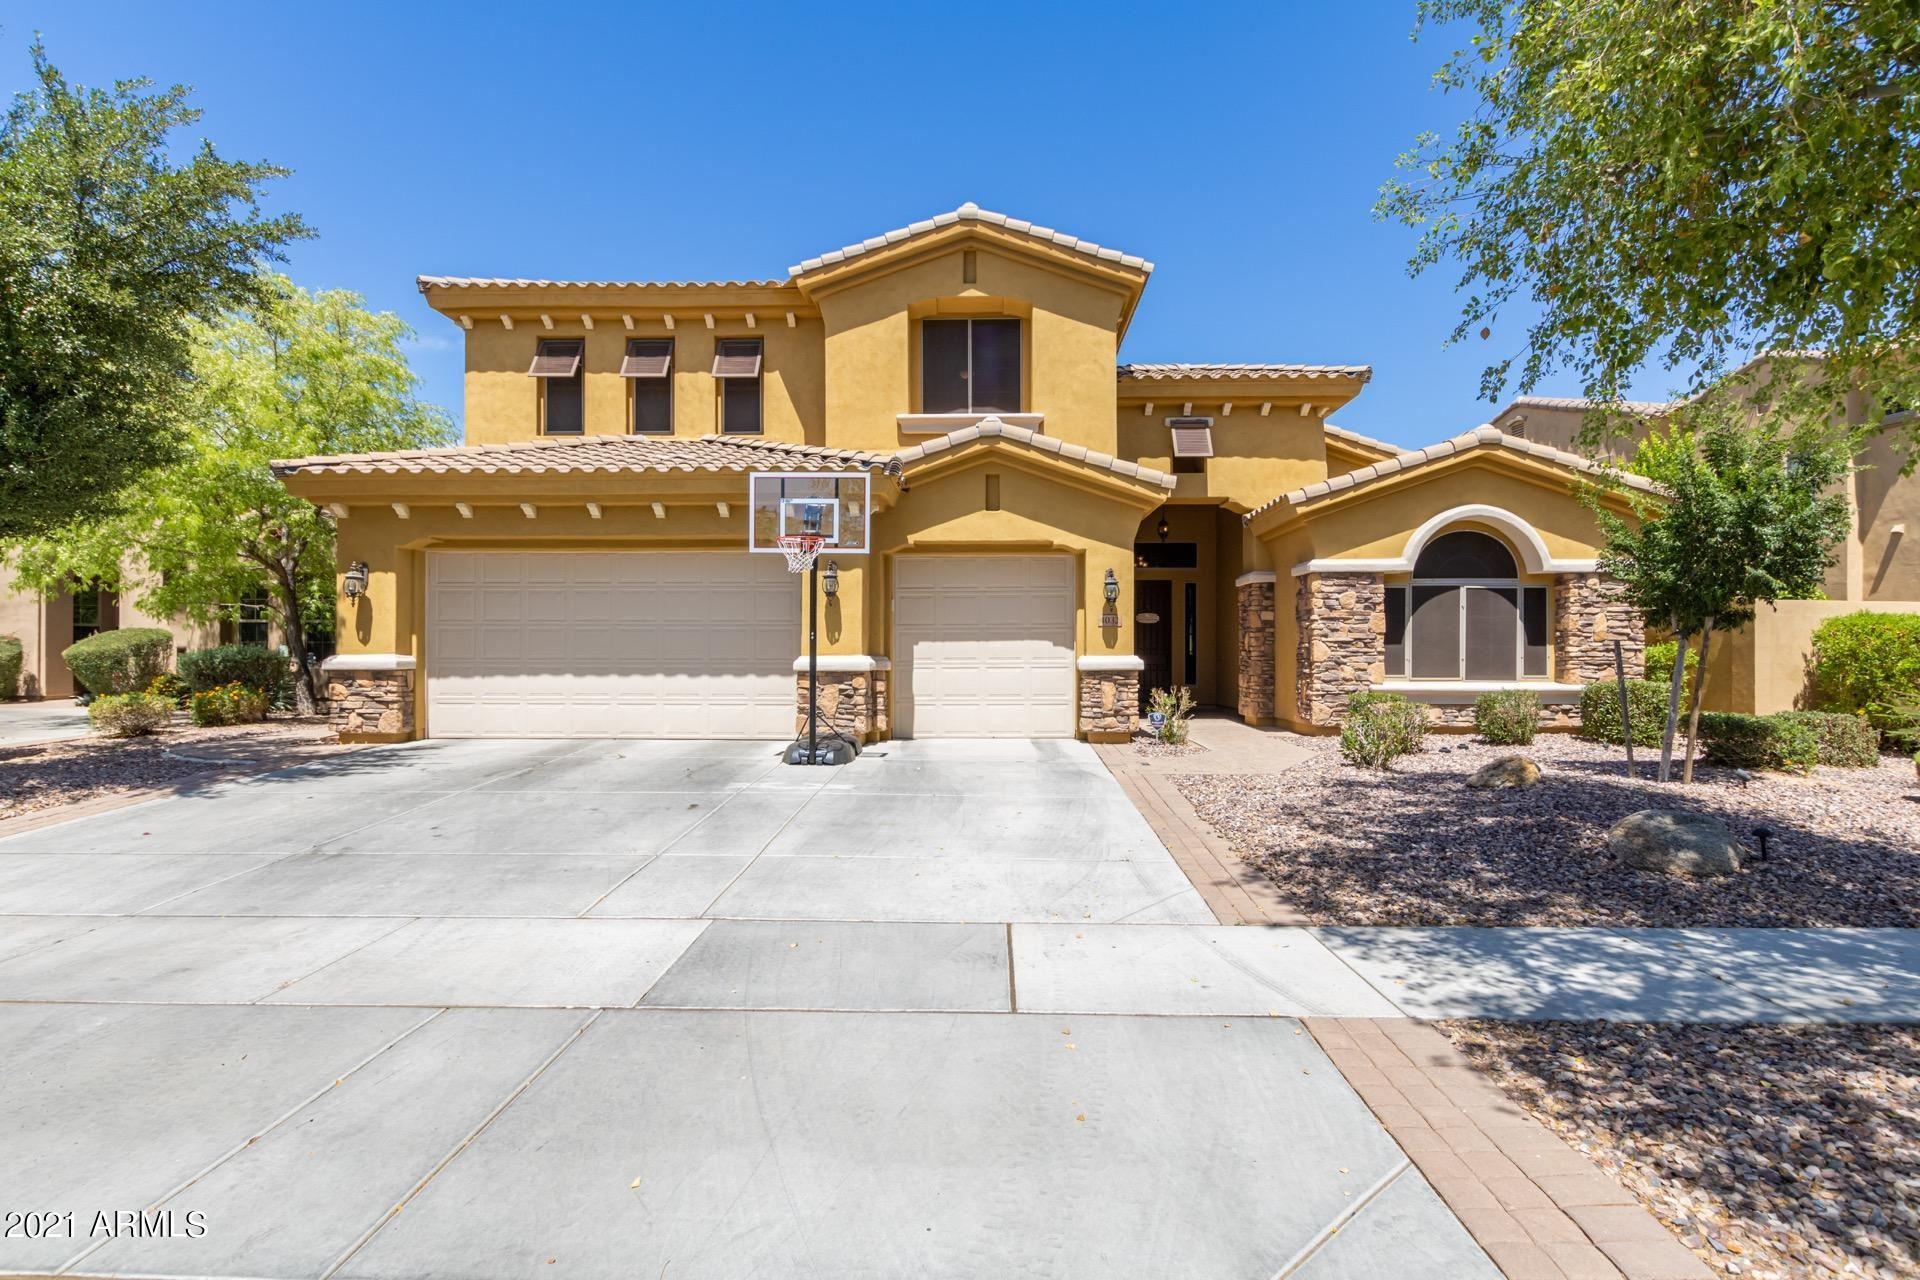 4032 E RED OAK Lane, Gilbert, AZ 85297 - MLS#: 6233832